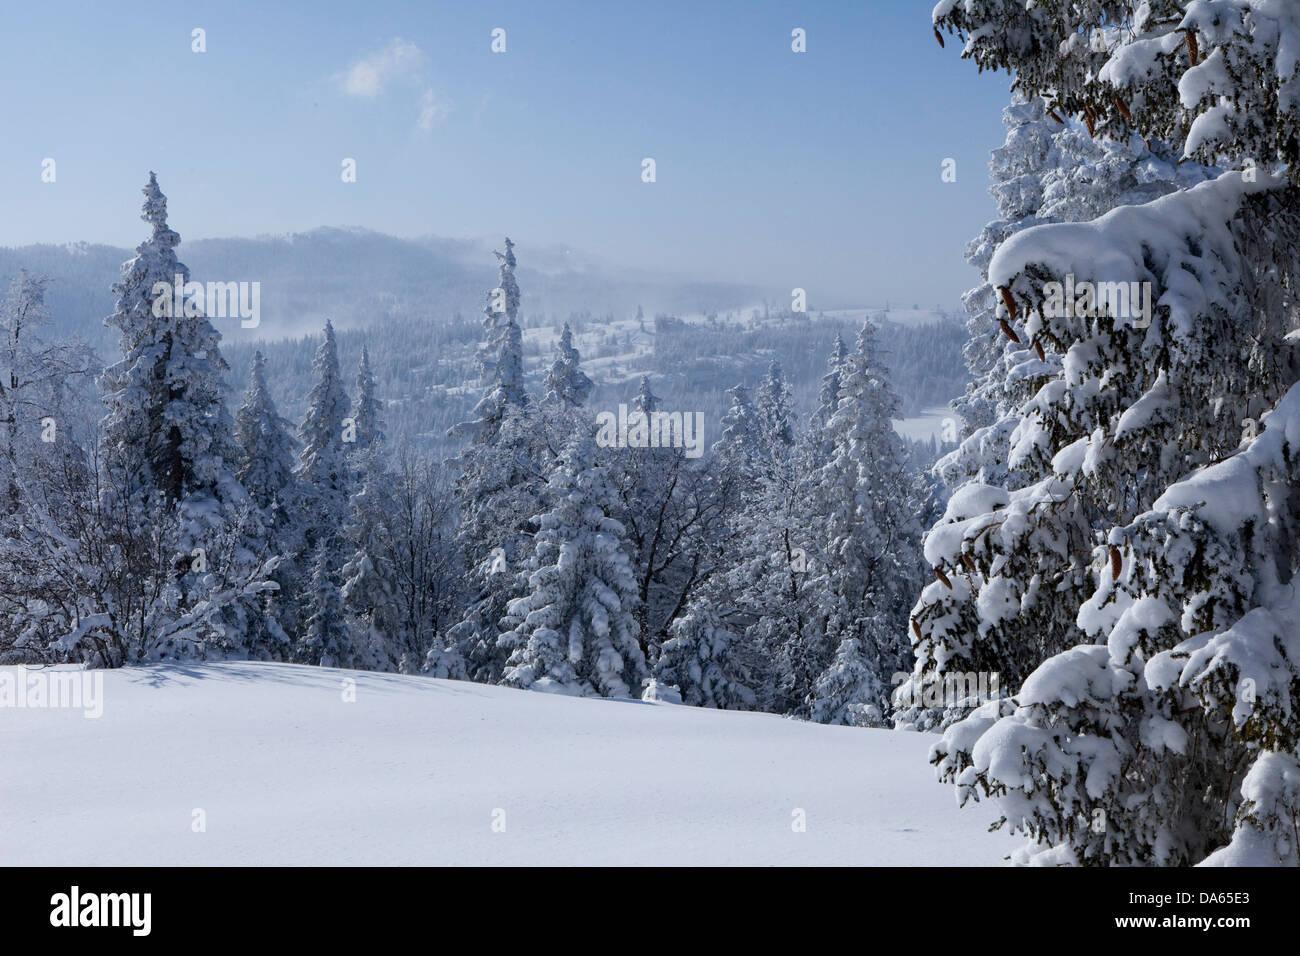 Bois d'hiver, Mont Tendre, hiver, canton, VD, Vaud, neige, arbre, arbres, bois, forêt, Suisse, Europe, Photo Stock